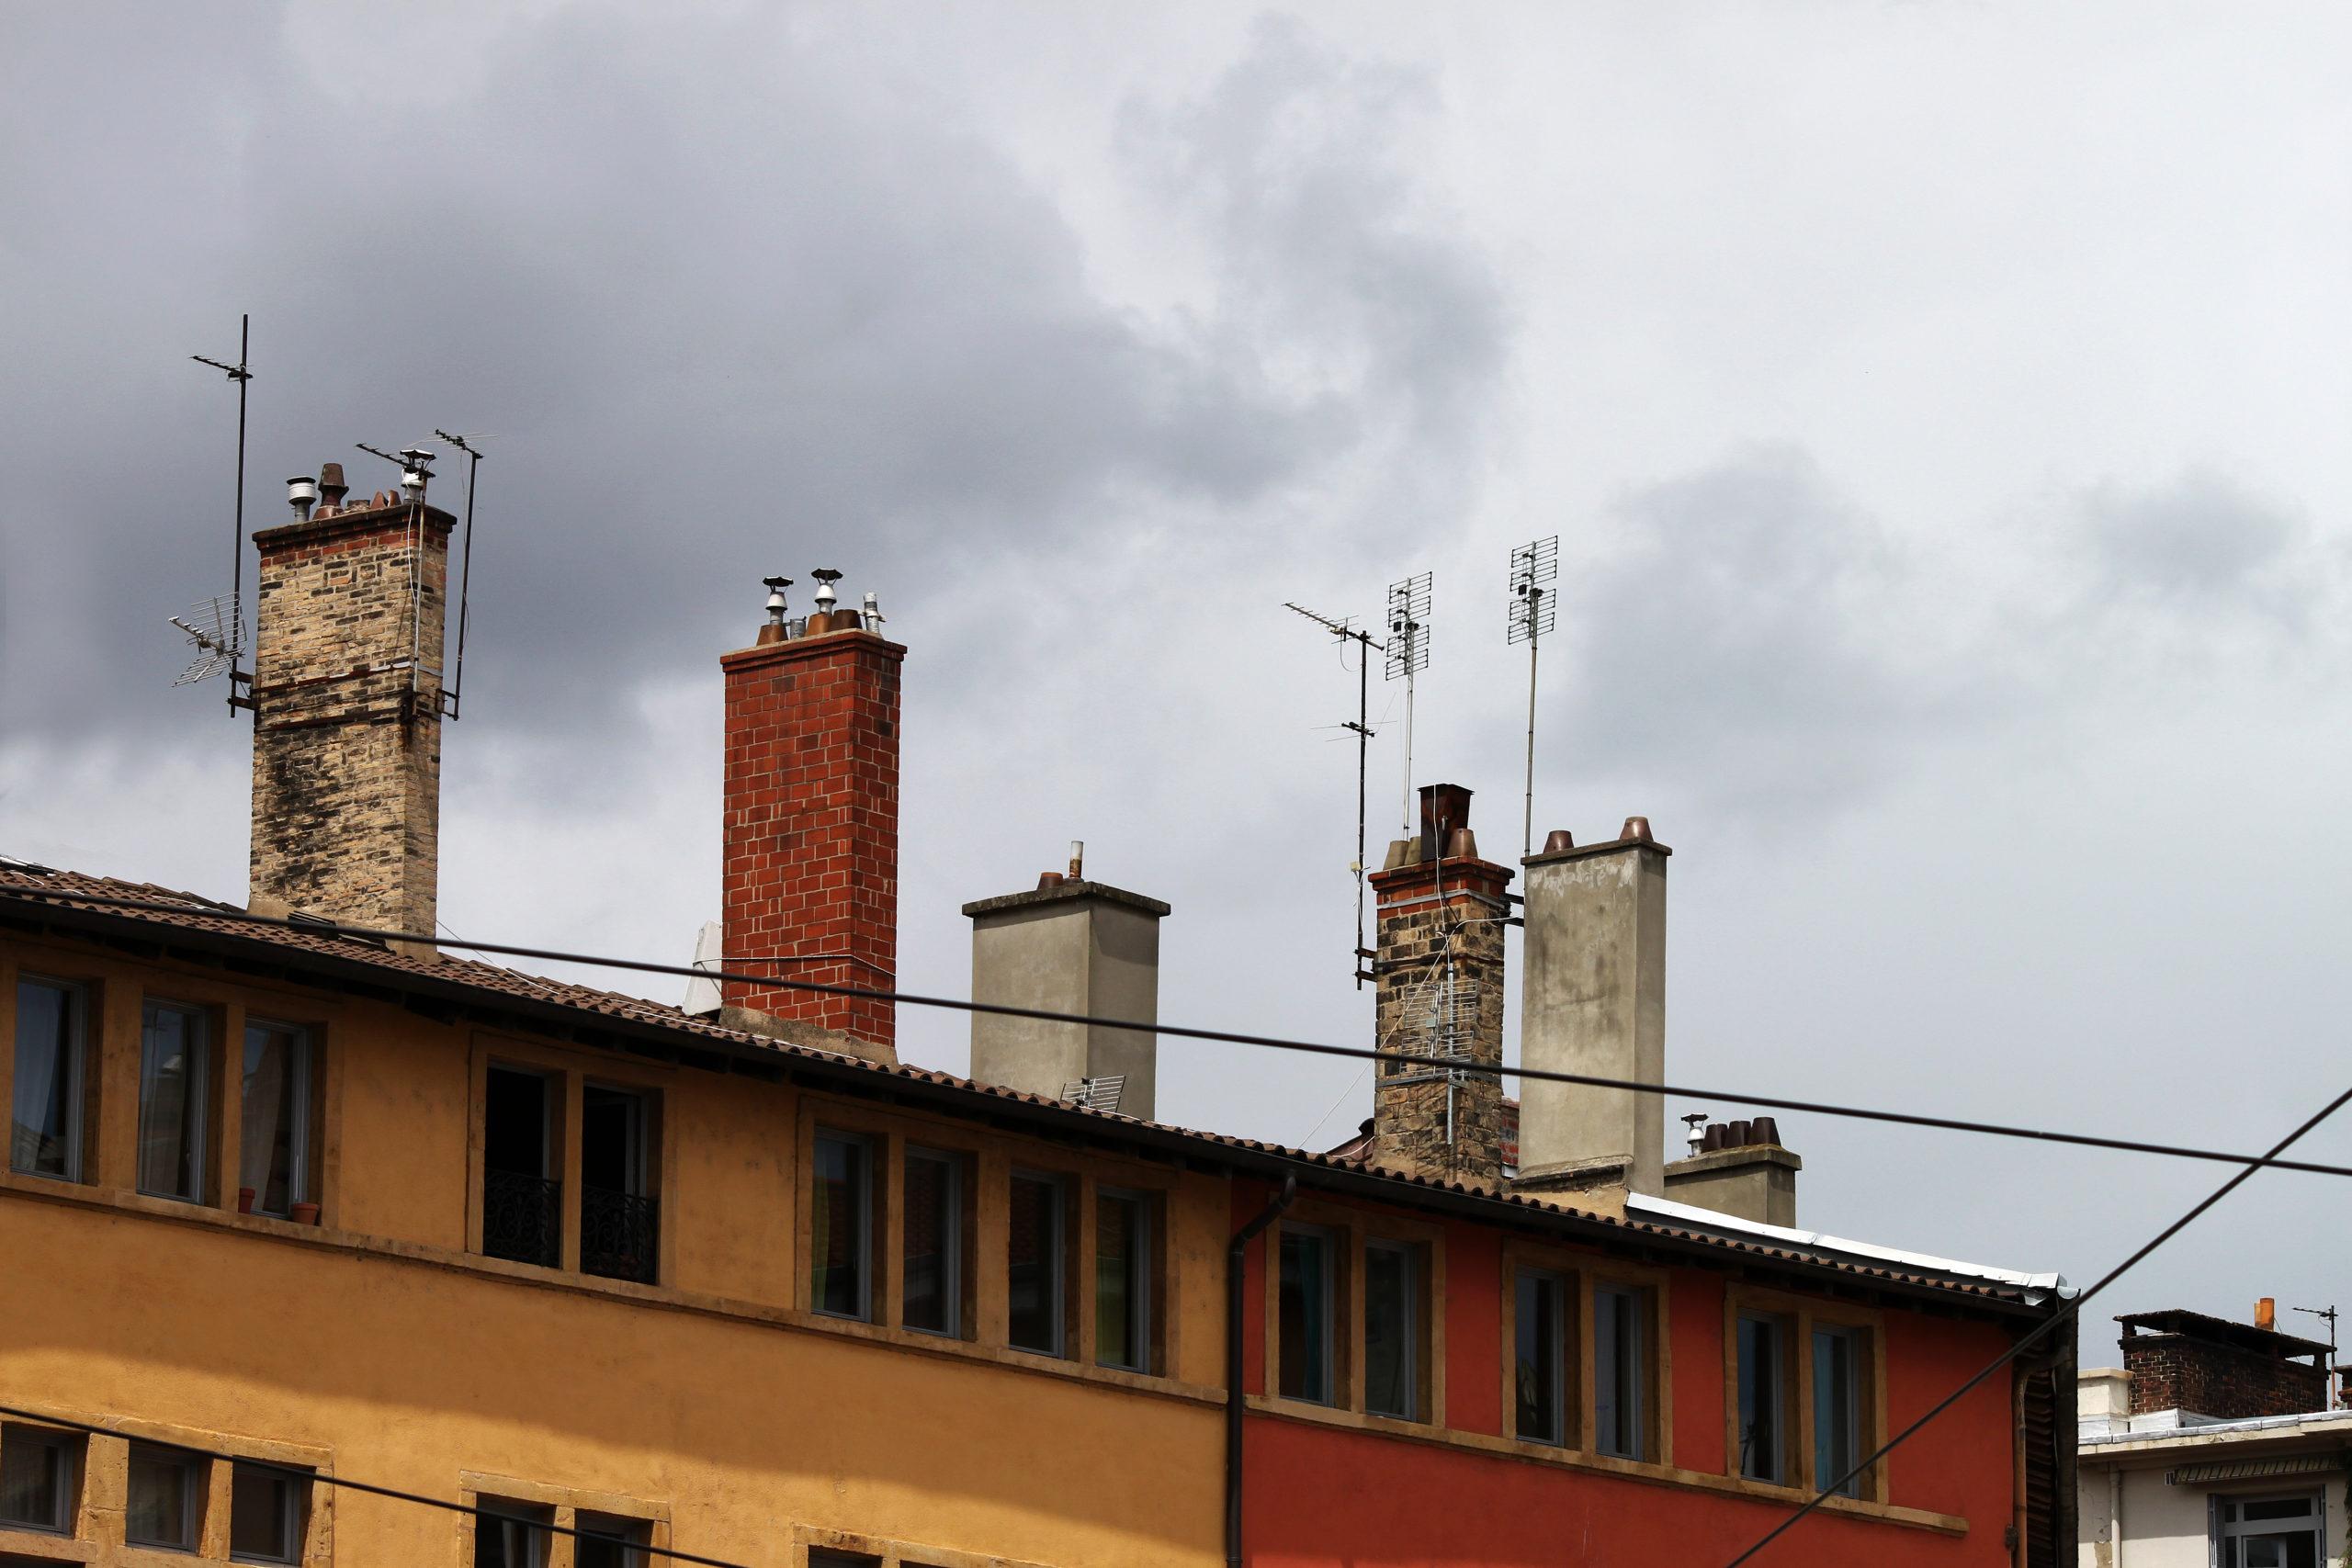 Cheminées sur les toits. Orange et ocre. Ciel gris, nuageux.